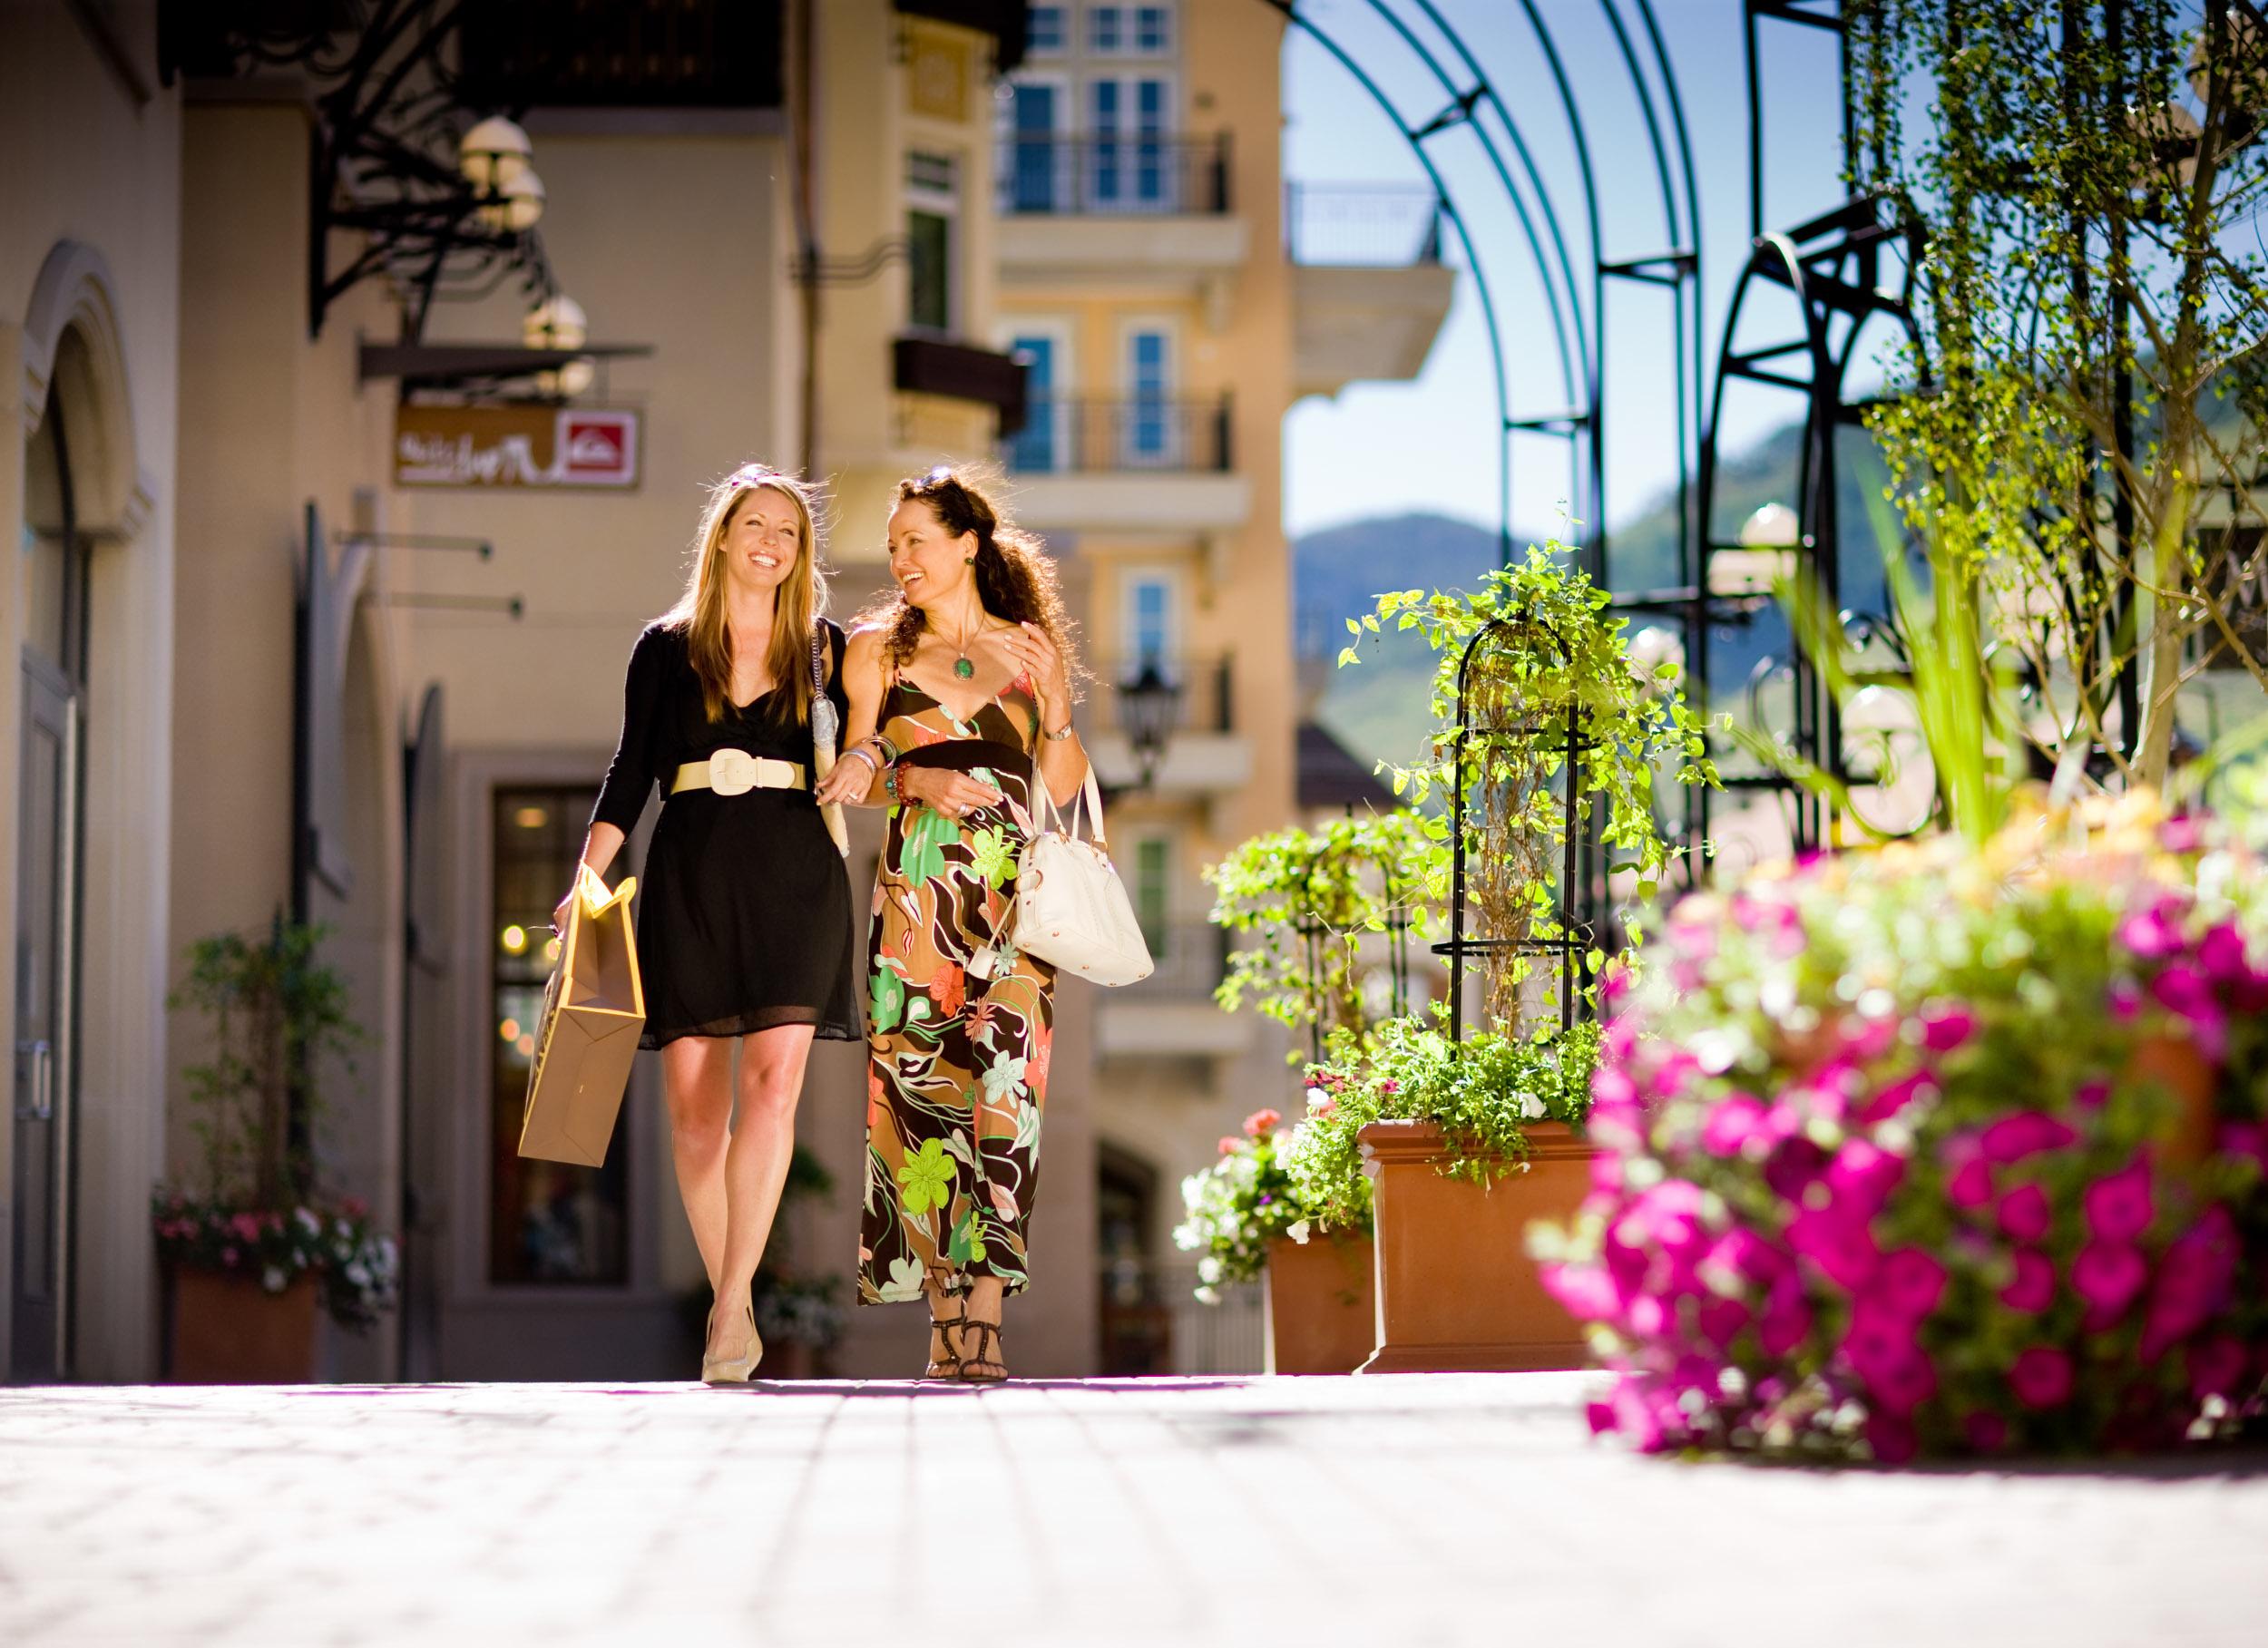 Women Shopping in Lionshead Village.jpg